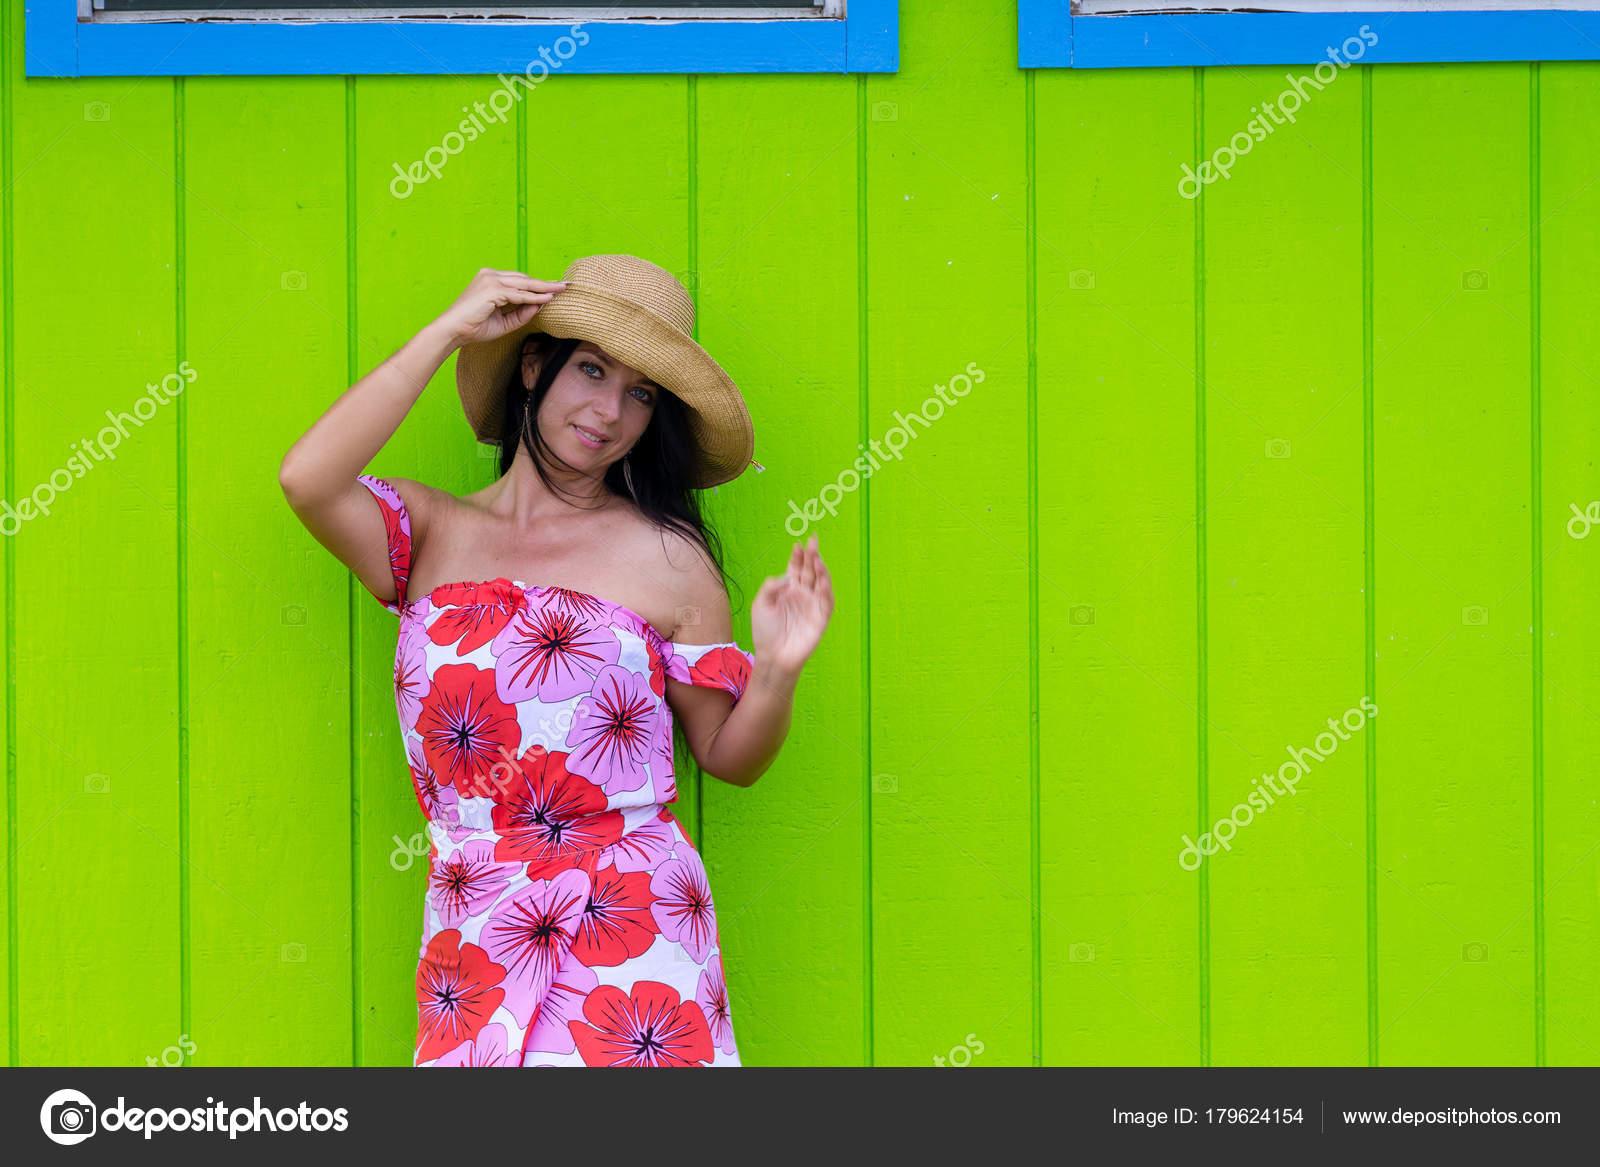 Donna graziosa in un cappello di paglia e vestito floreale rosso colorato  che propone contro una parete di legno verde in Hawaii agitando la mano a  fianco ... 675c6de91365